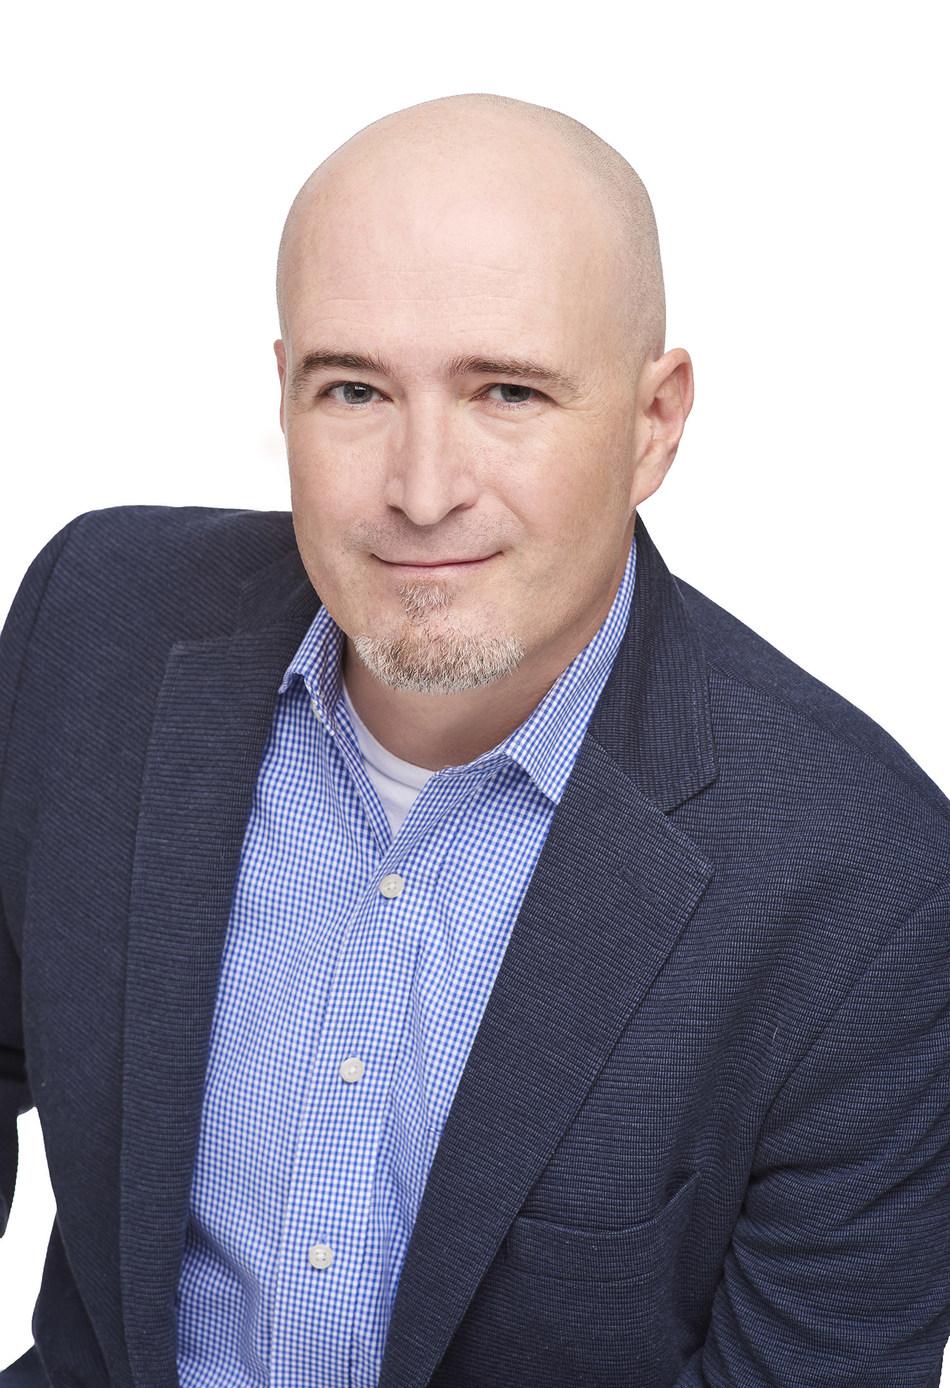 Ken Van Cara